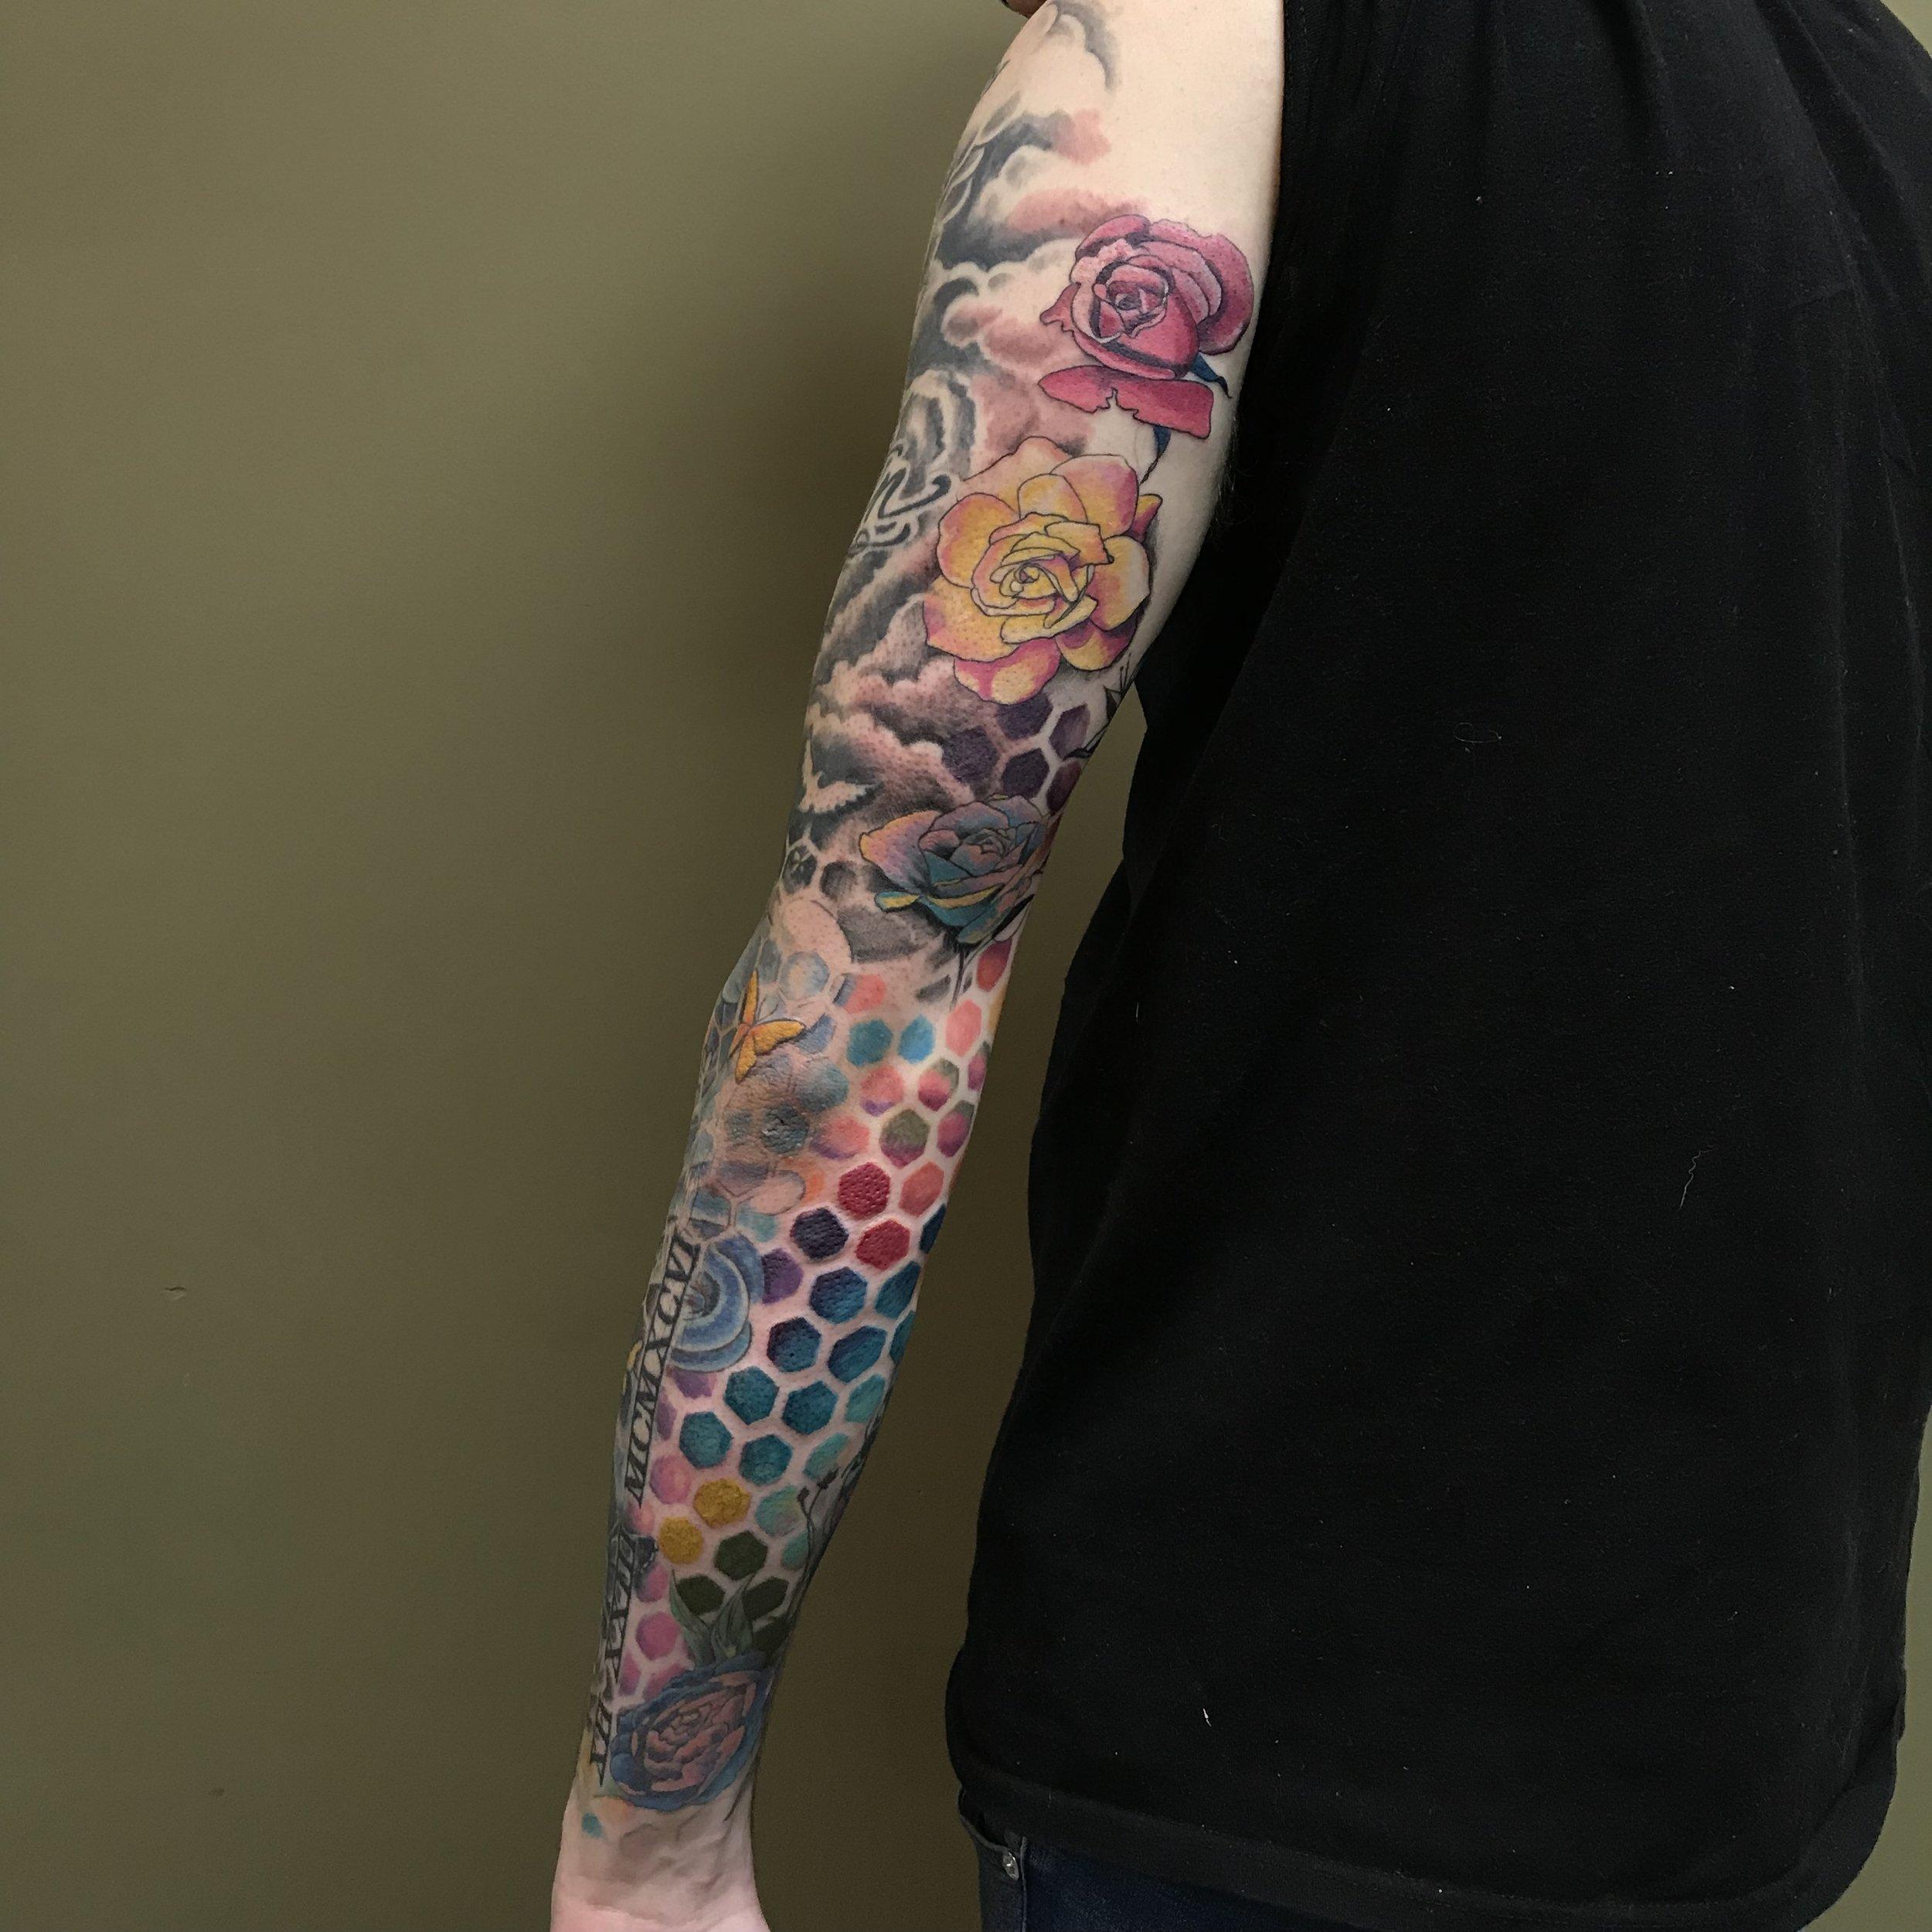 color Justin Turkus Philadelphia fine line lettering tattoo artist kyle sleeve back pattern geometric rose.jpg